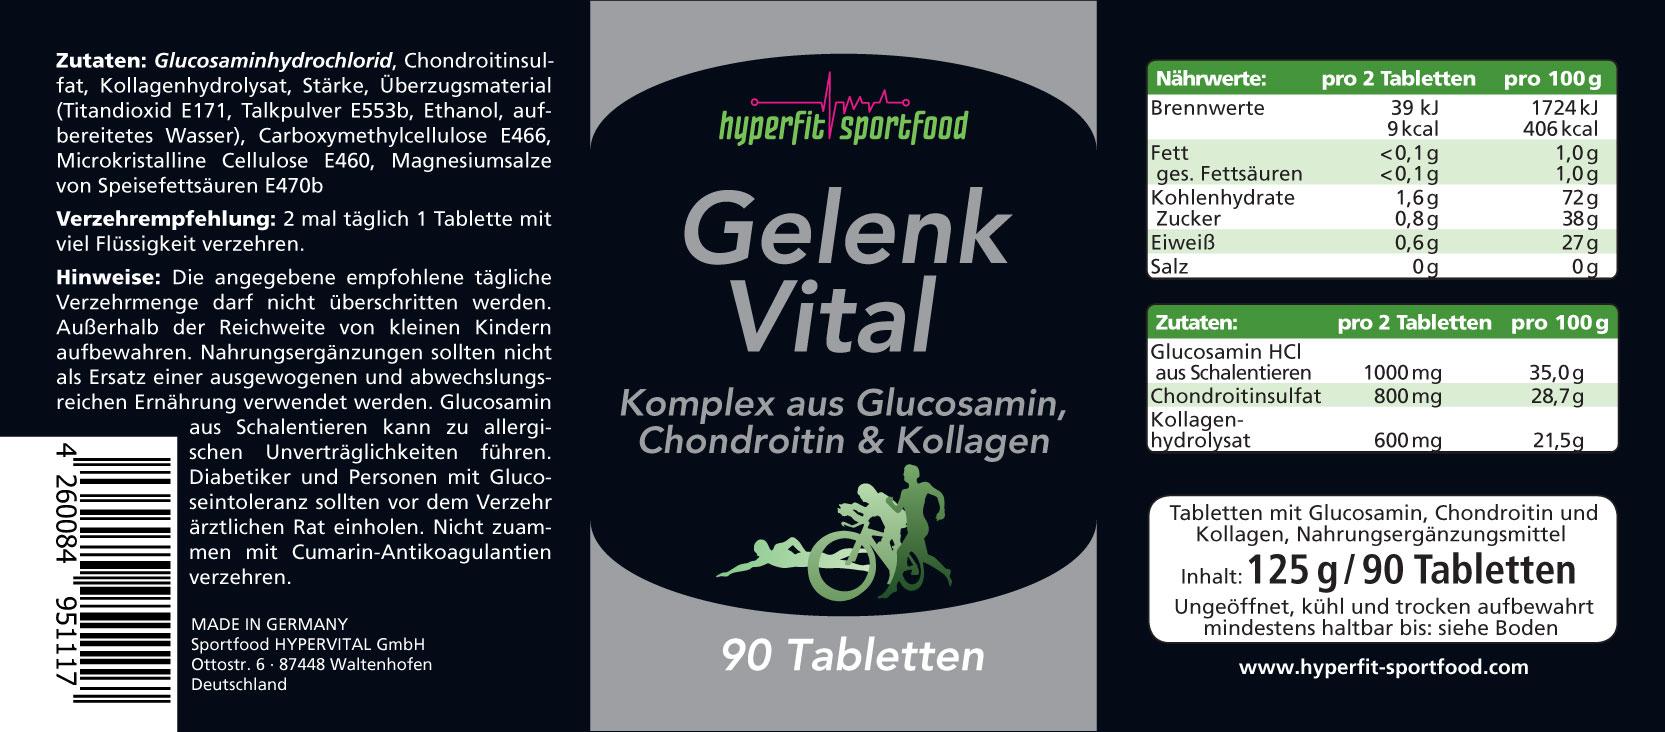 GelenkVital-141x62mm